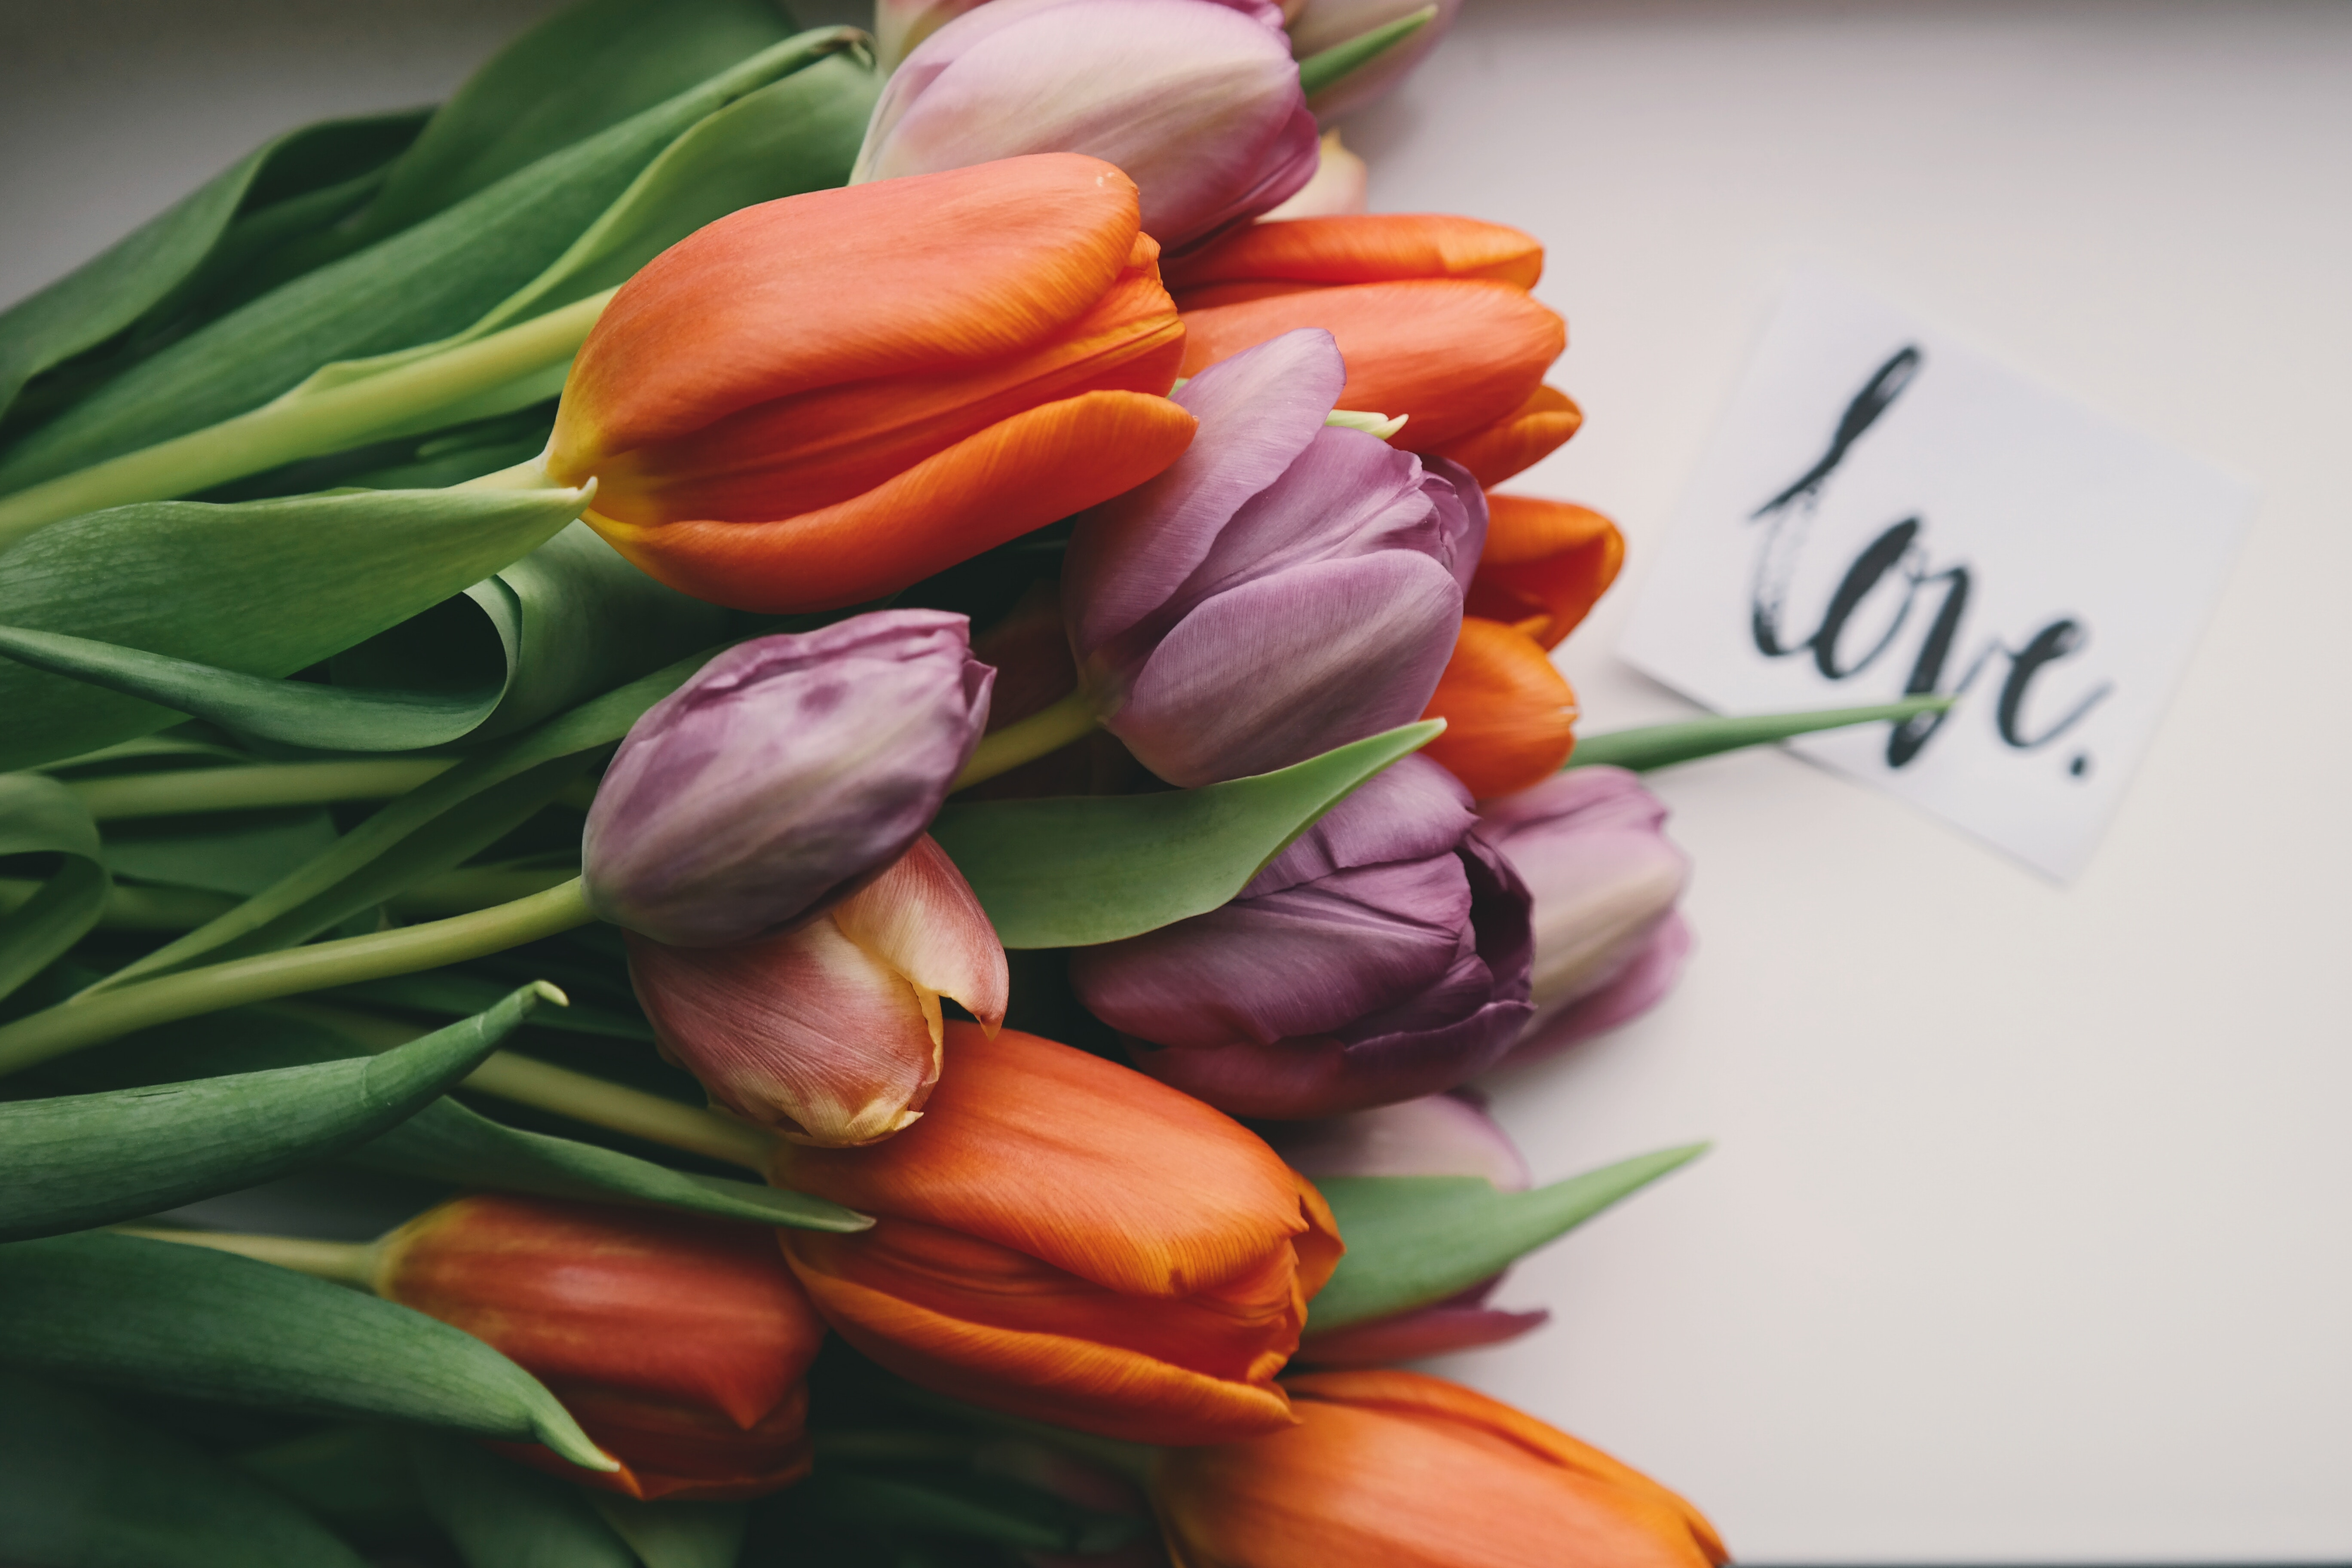 Thay vì khóc lóc và rầu rĩ hậu chia tay, hãy tự nhủ với bản thân 10 điều giúp bạn yêu đời hơn - Ảnh 1.